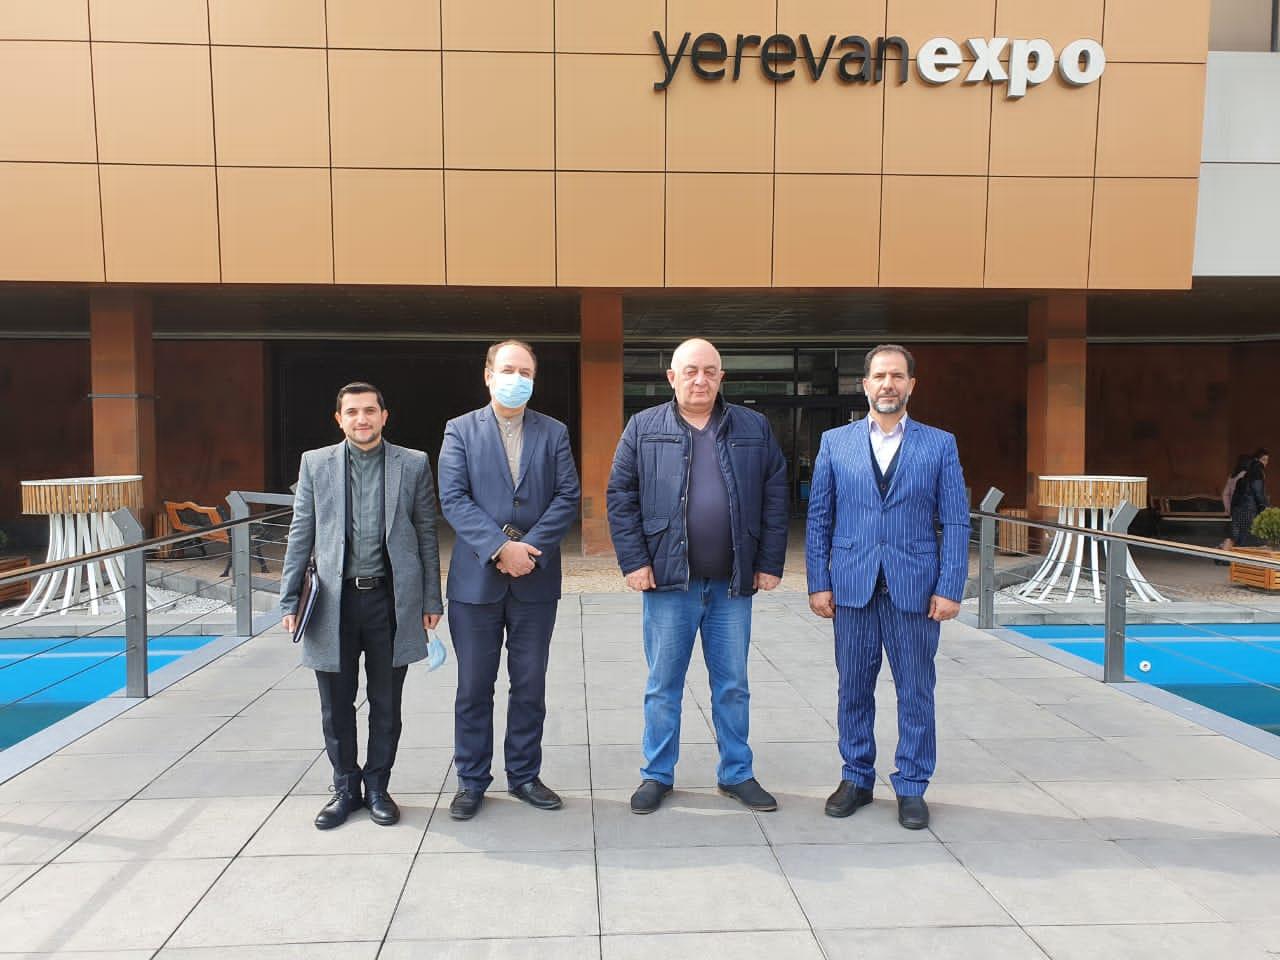 نمایشگاه-اختصاصی-ایران-در-ارمنستان